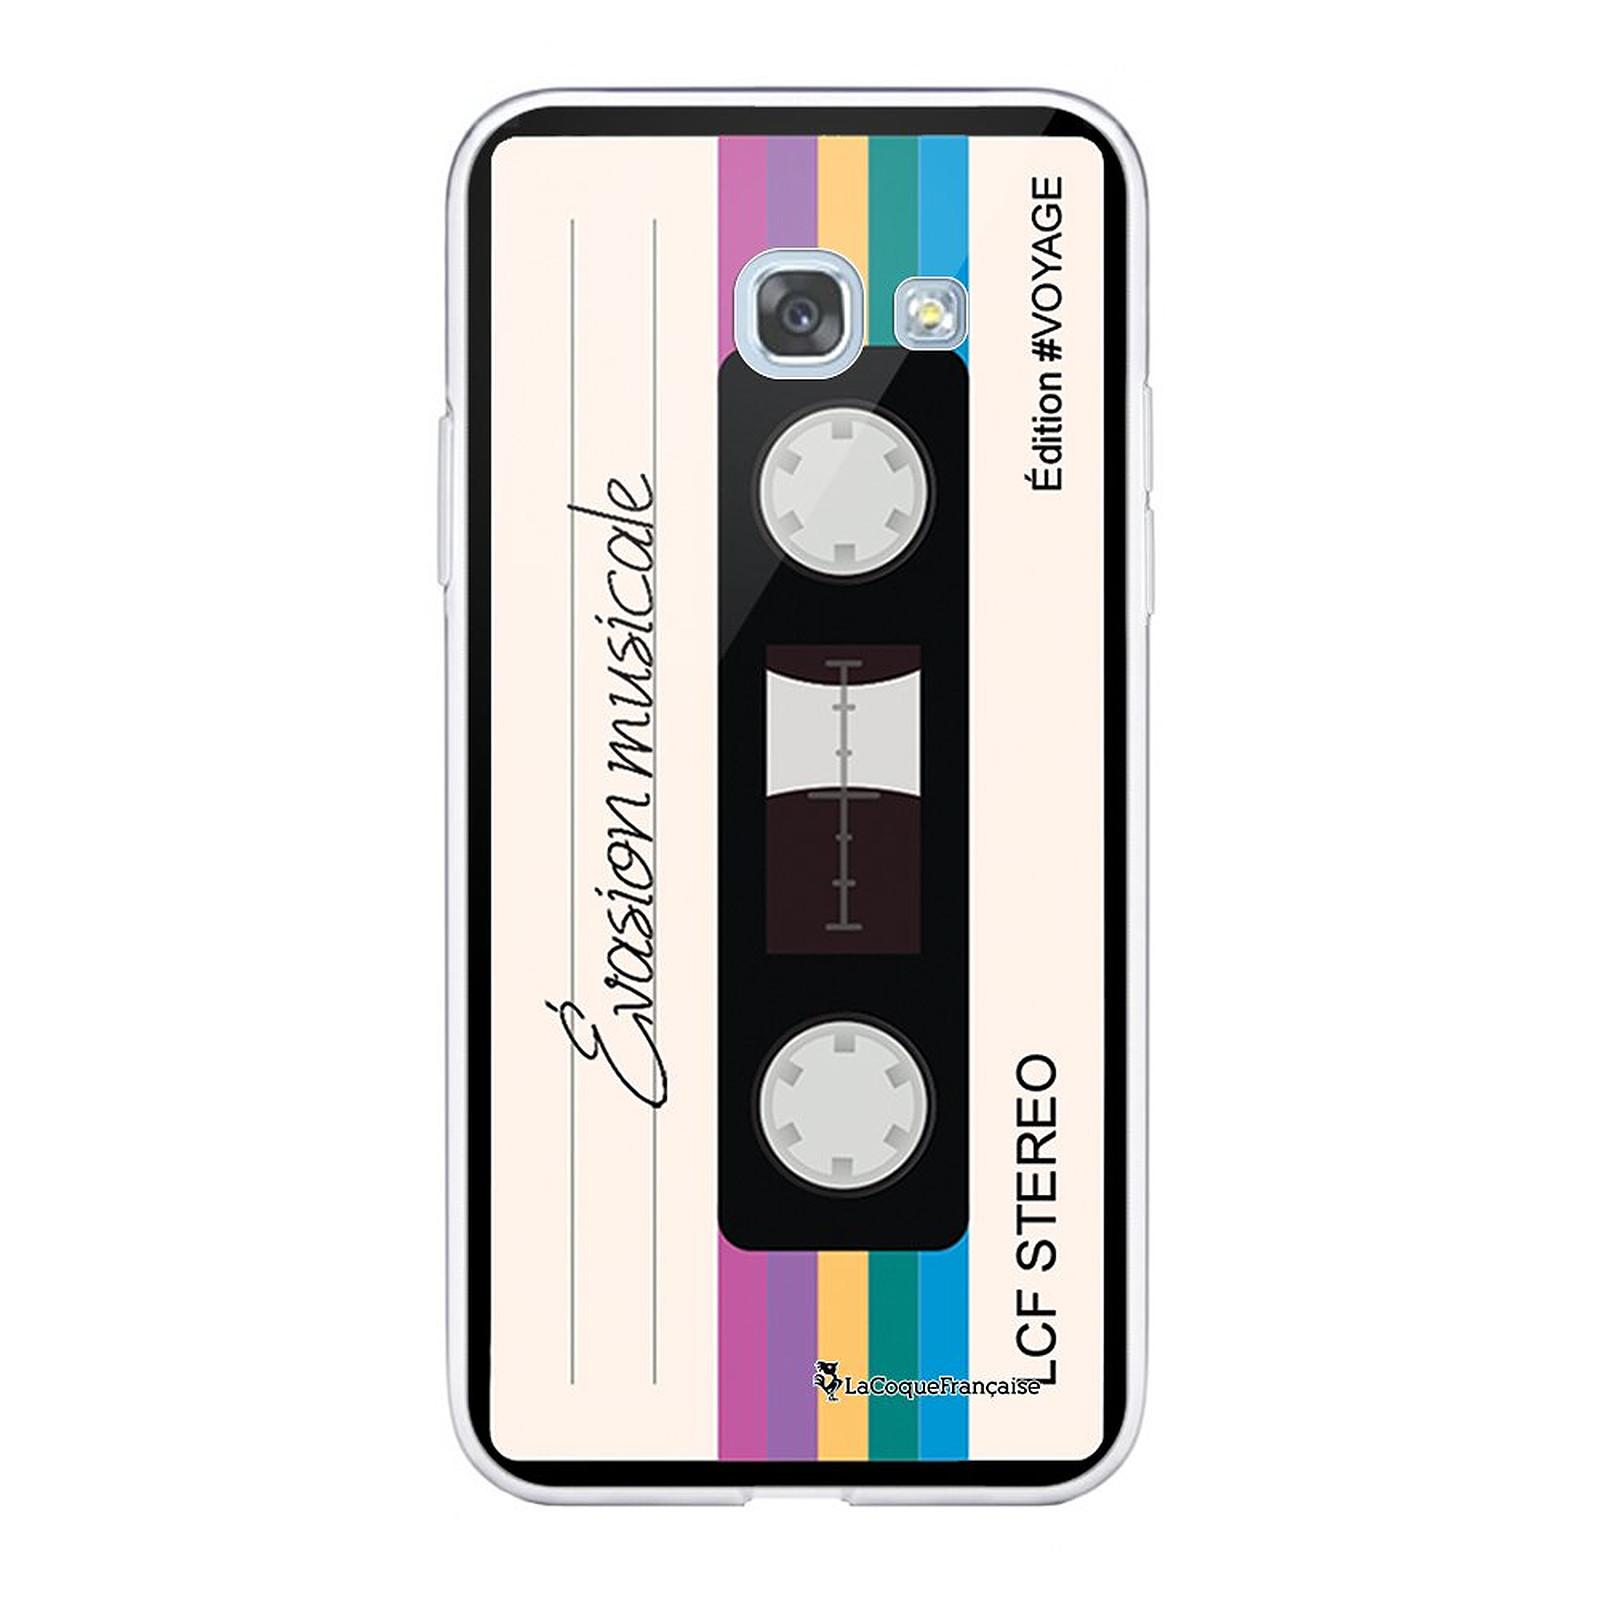 LA COQUE FRANCAISE Coque Samsung Galaxy A5 2017 360 intégrale transparente Cassette Vintage Evasion Tendance